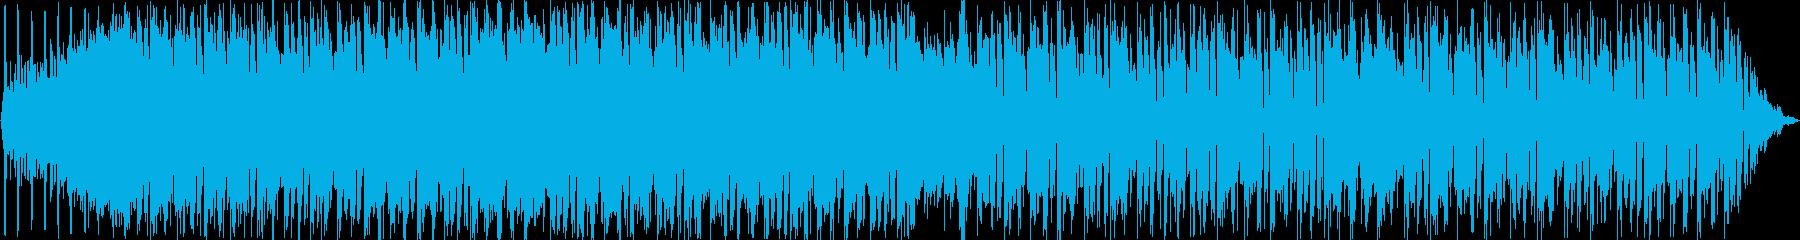 レトロなレースゲーム風~4分打ちエレク…の再生済みの波形